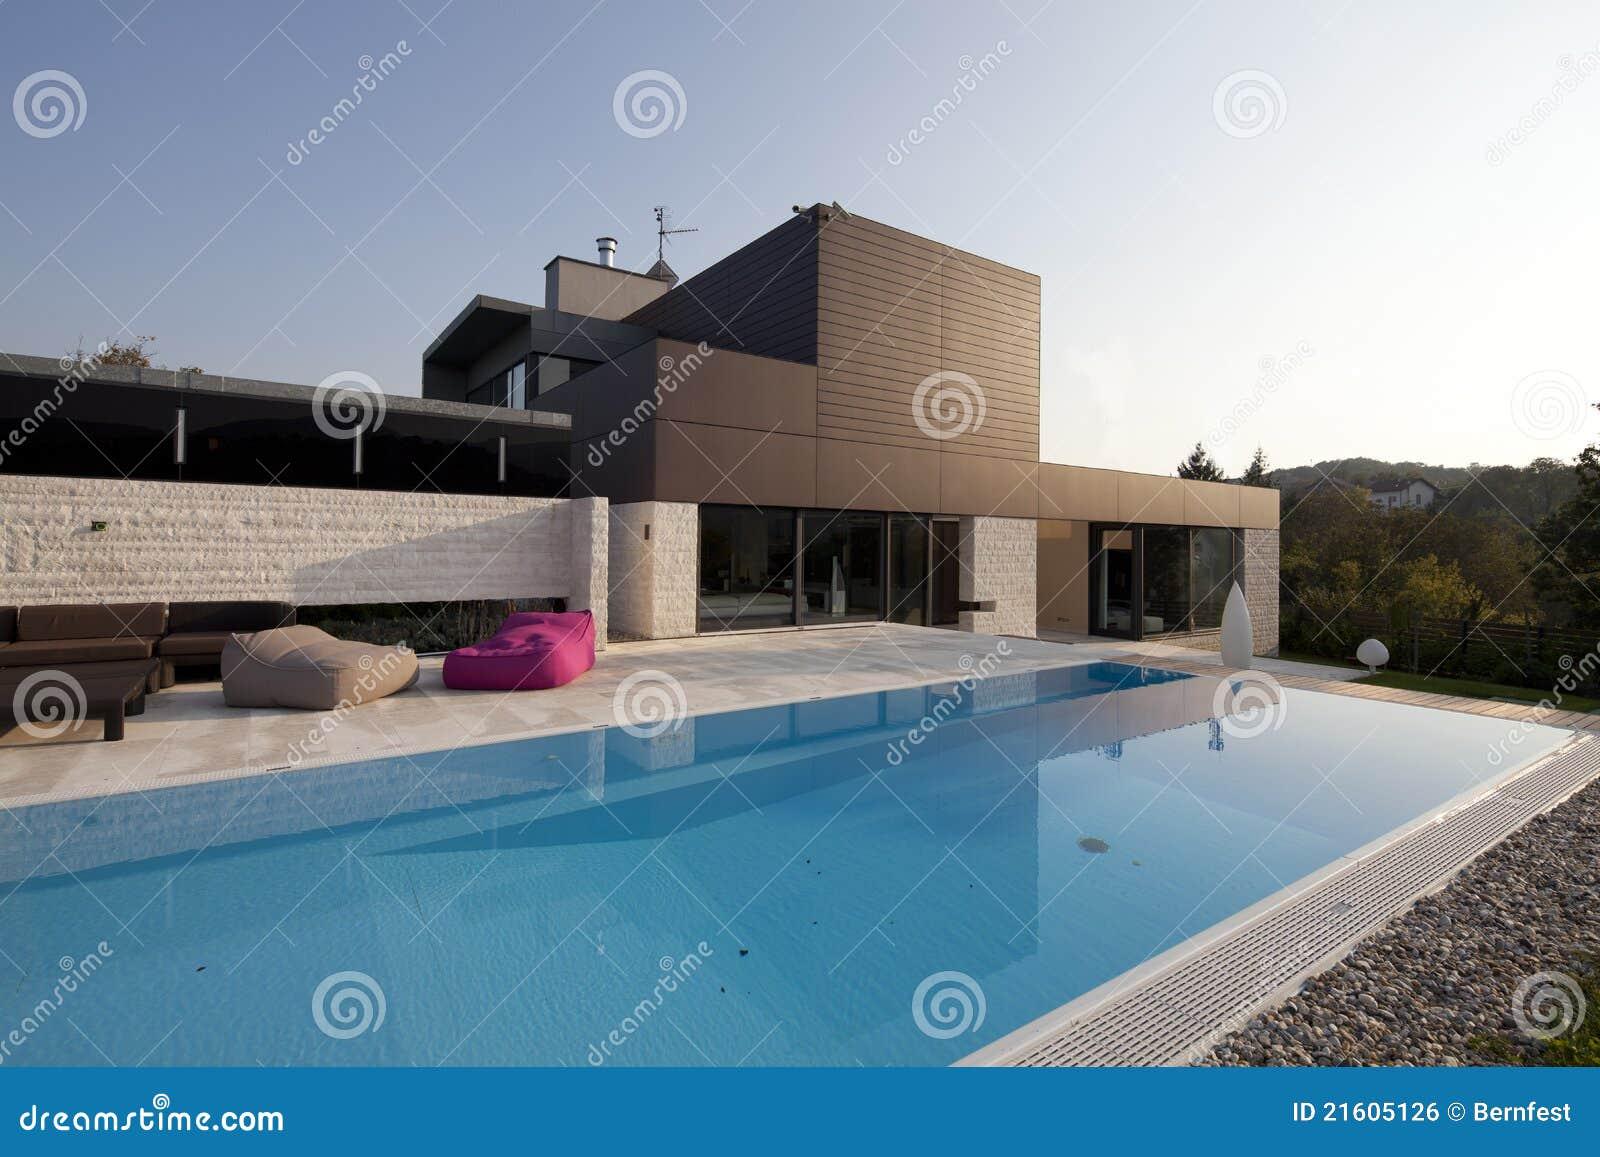 Casa moderna bonita com piscina foto de stock imagem for Fotos de piscinas modernas